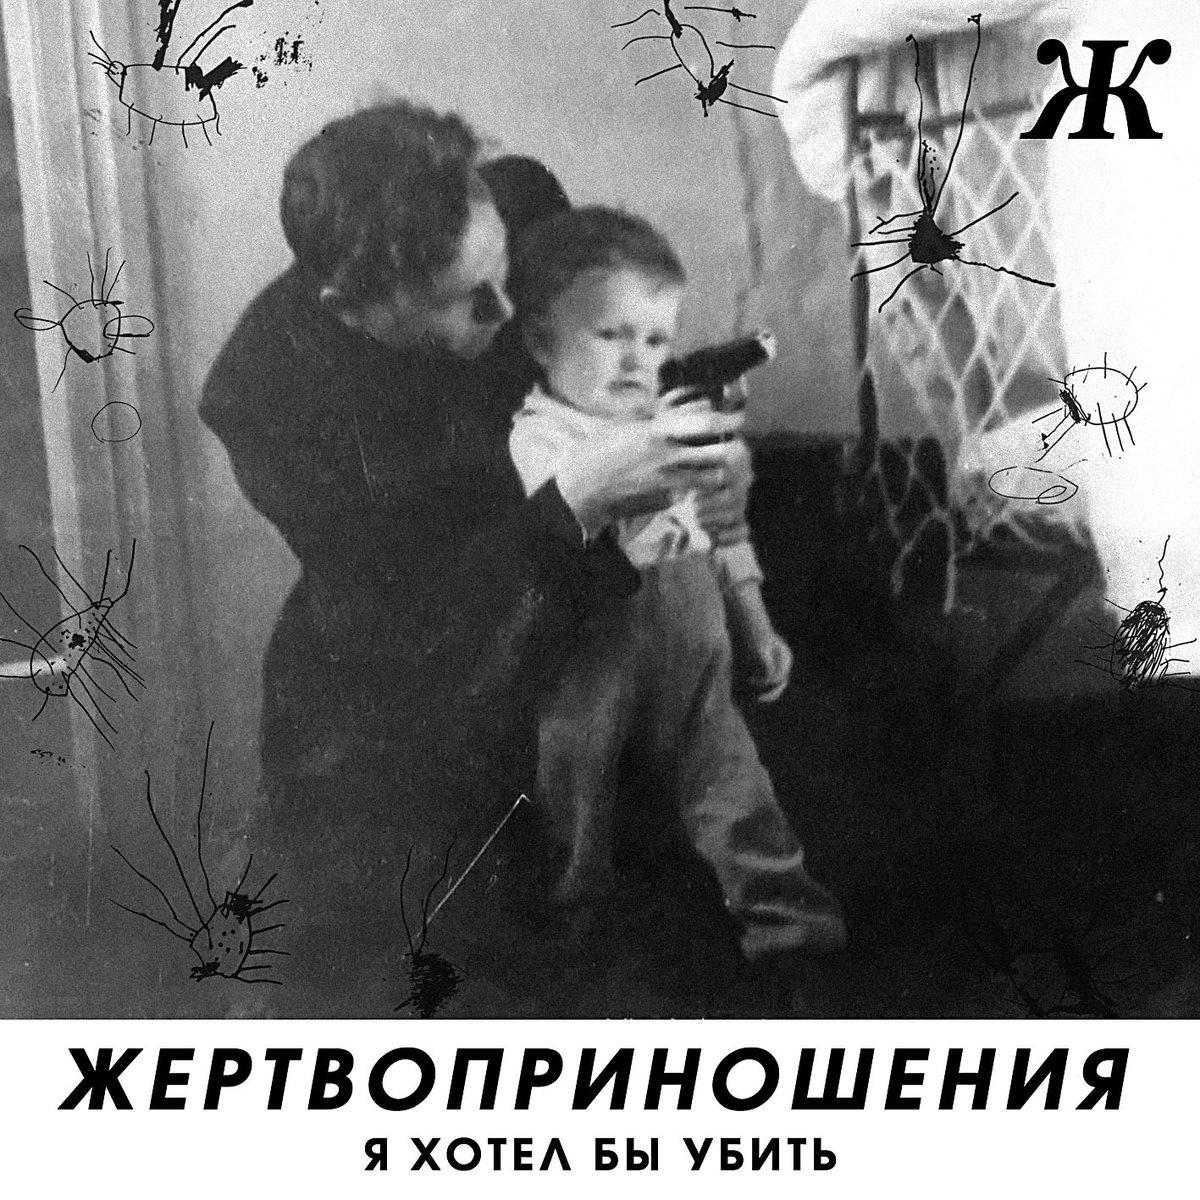 Zhertvoprinosheniya - live pt1